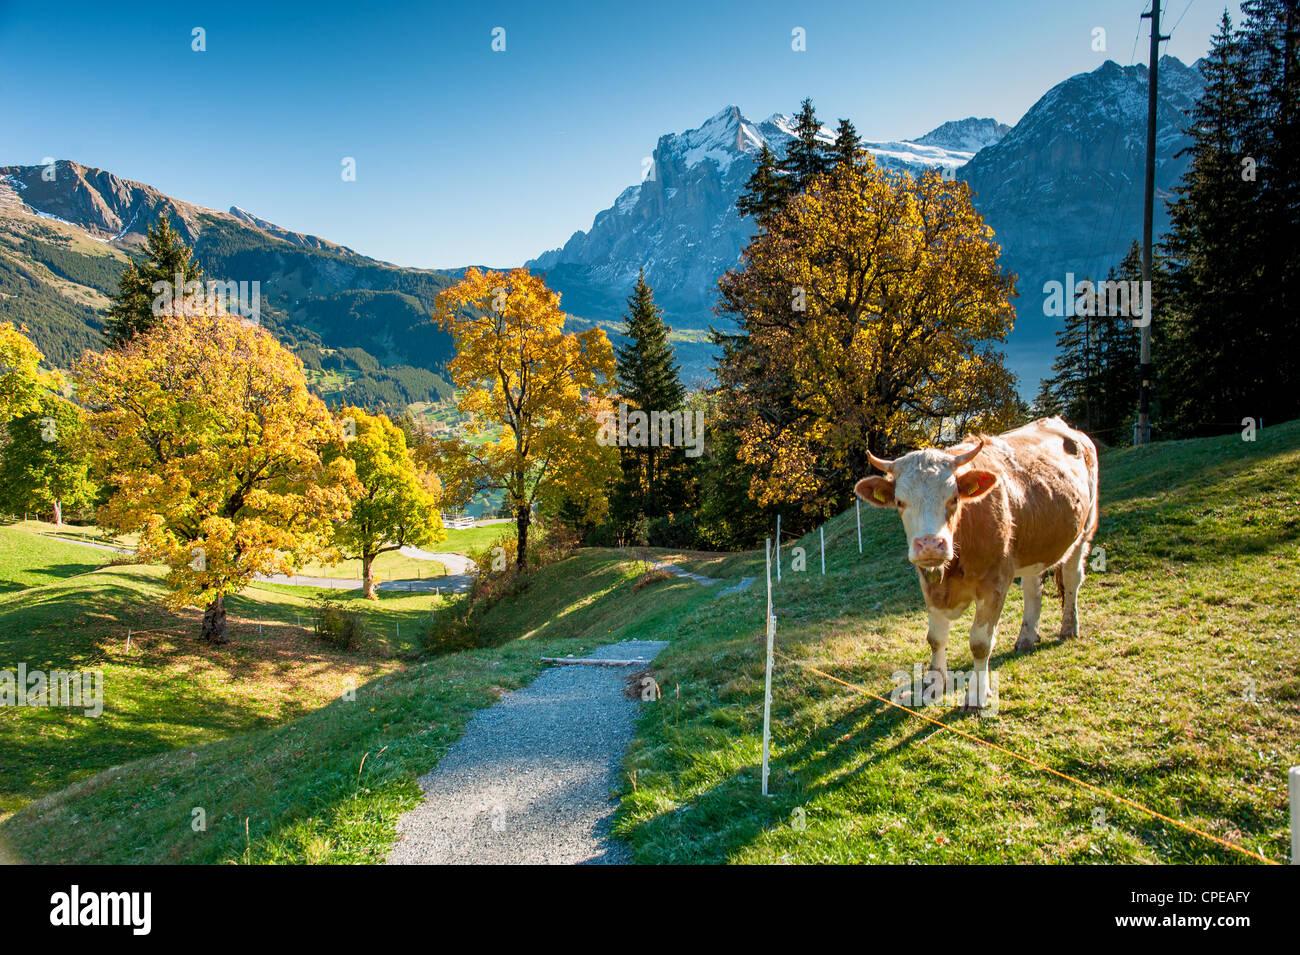 Wanderweg auf der alm mit Kühen über Grindelwald im Herbst, Schweiz Stockbild